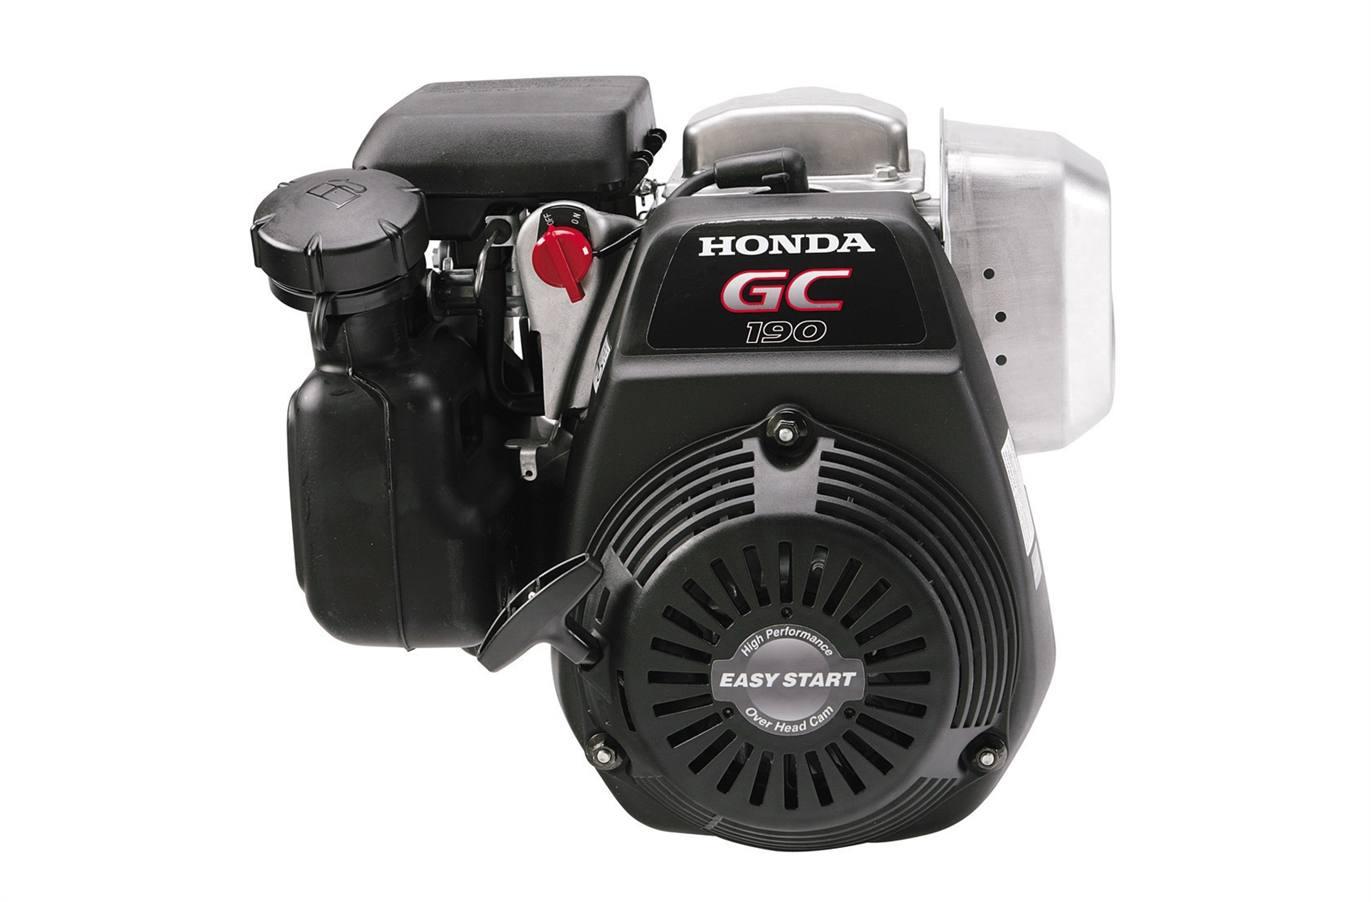 Honda Engines Gc190 For Sale In Argo Al Ape Power Equipment F414 Engine Diagram 205 467 3300